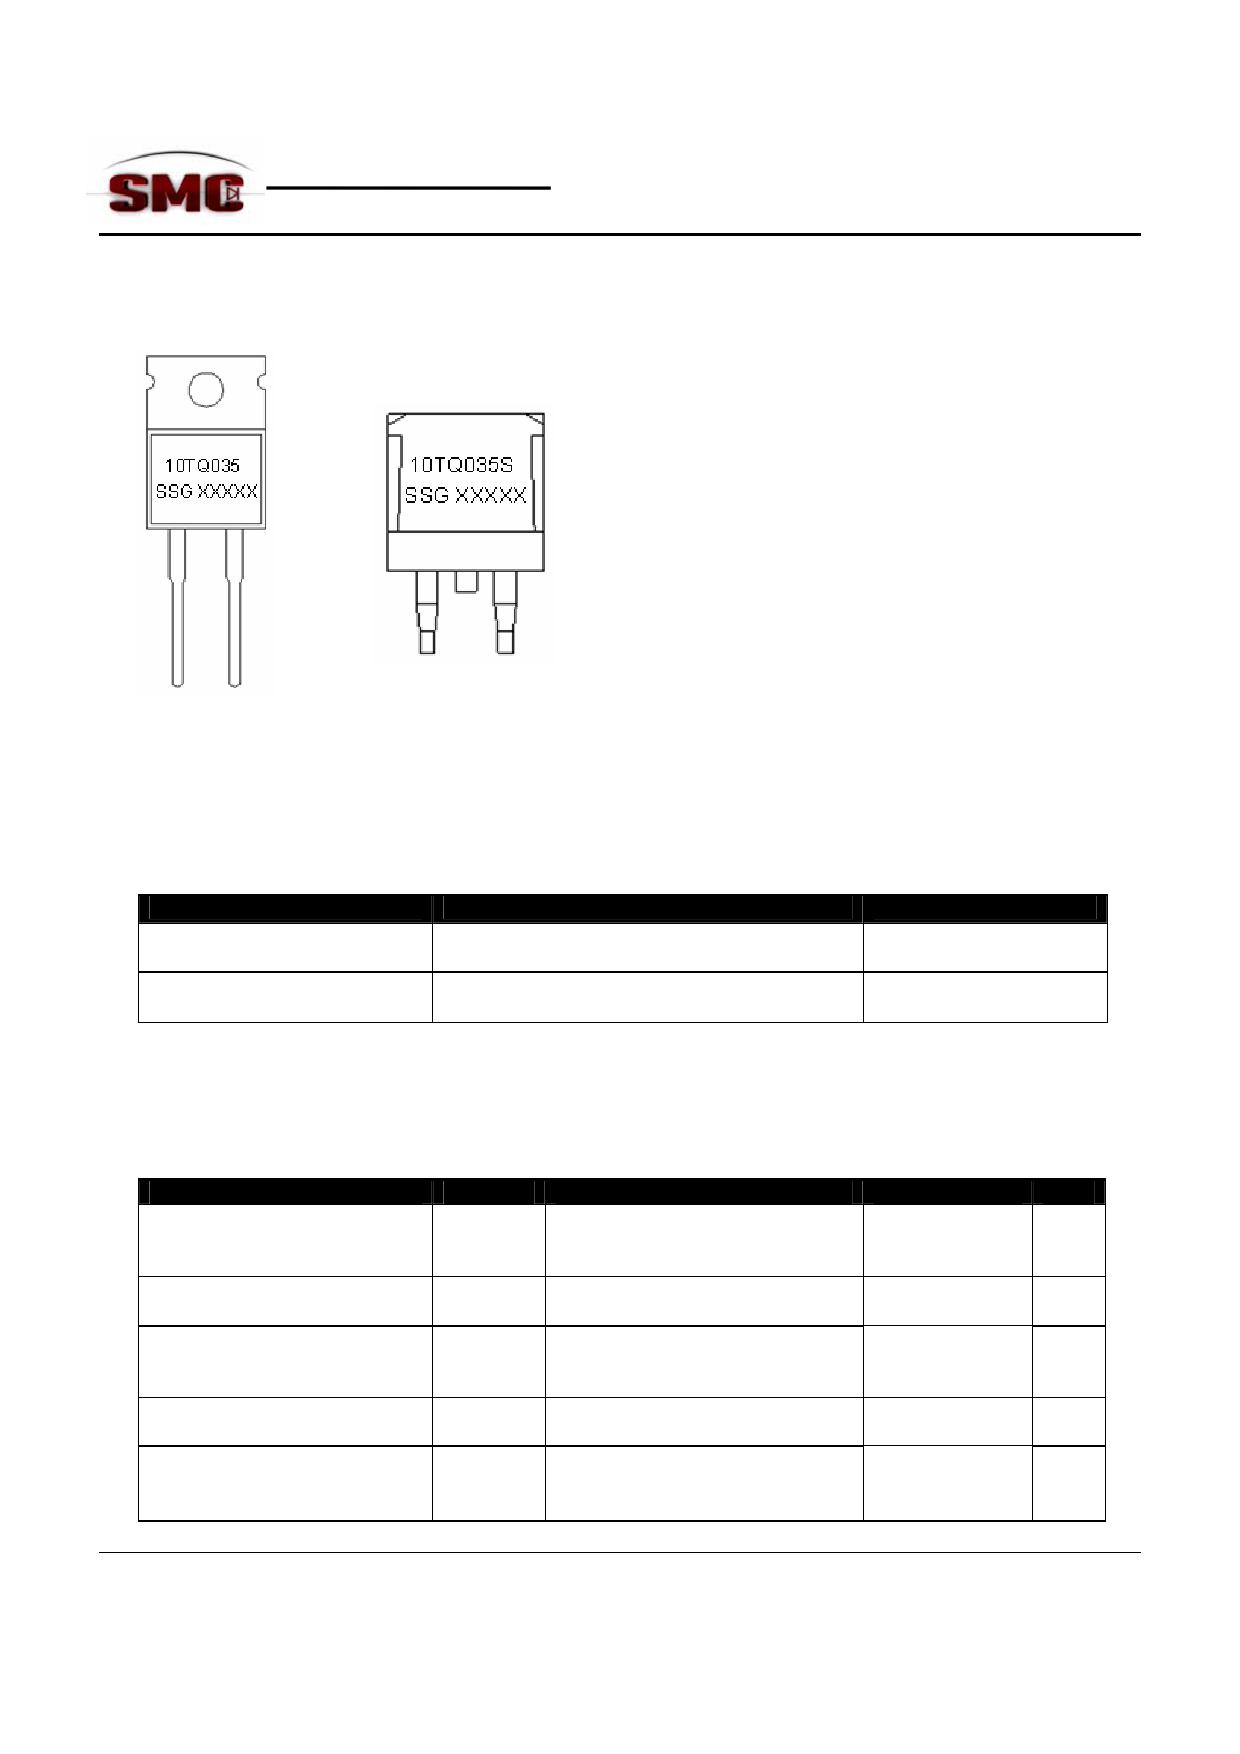 10TQ040S pdf, ピン配列